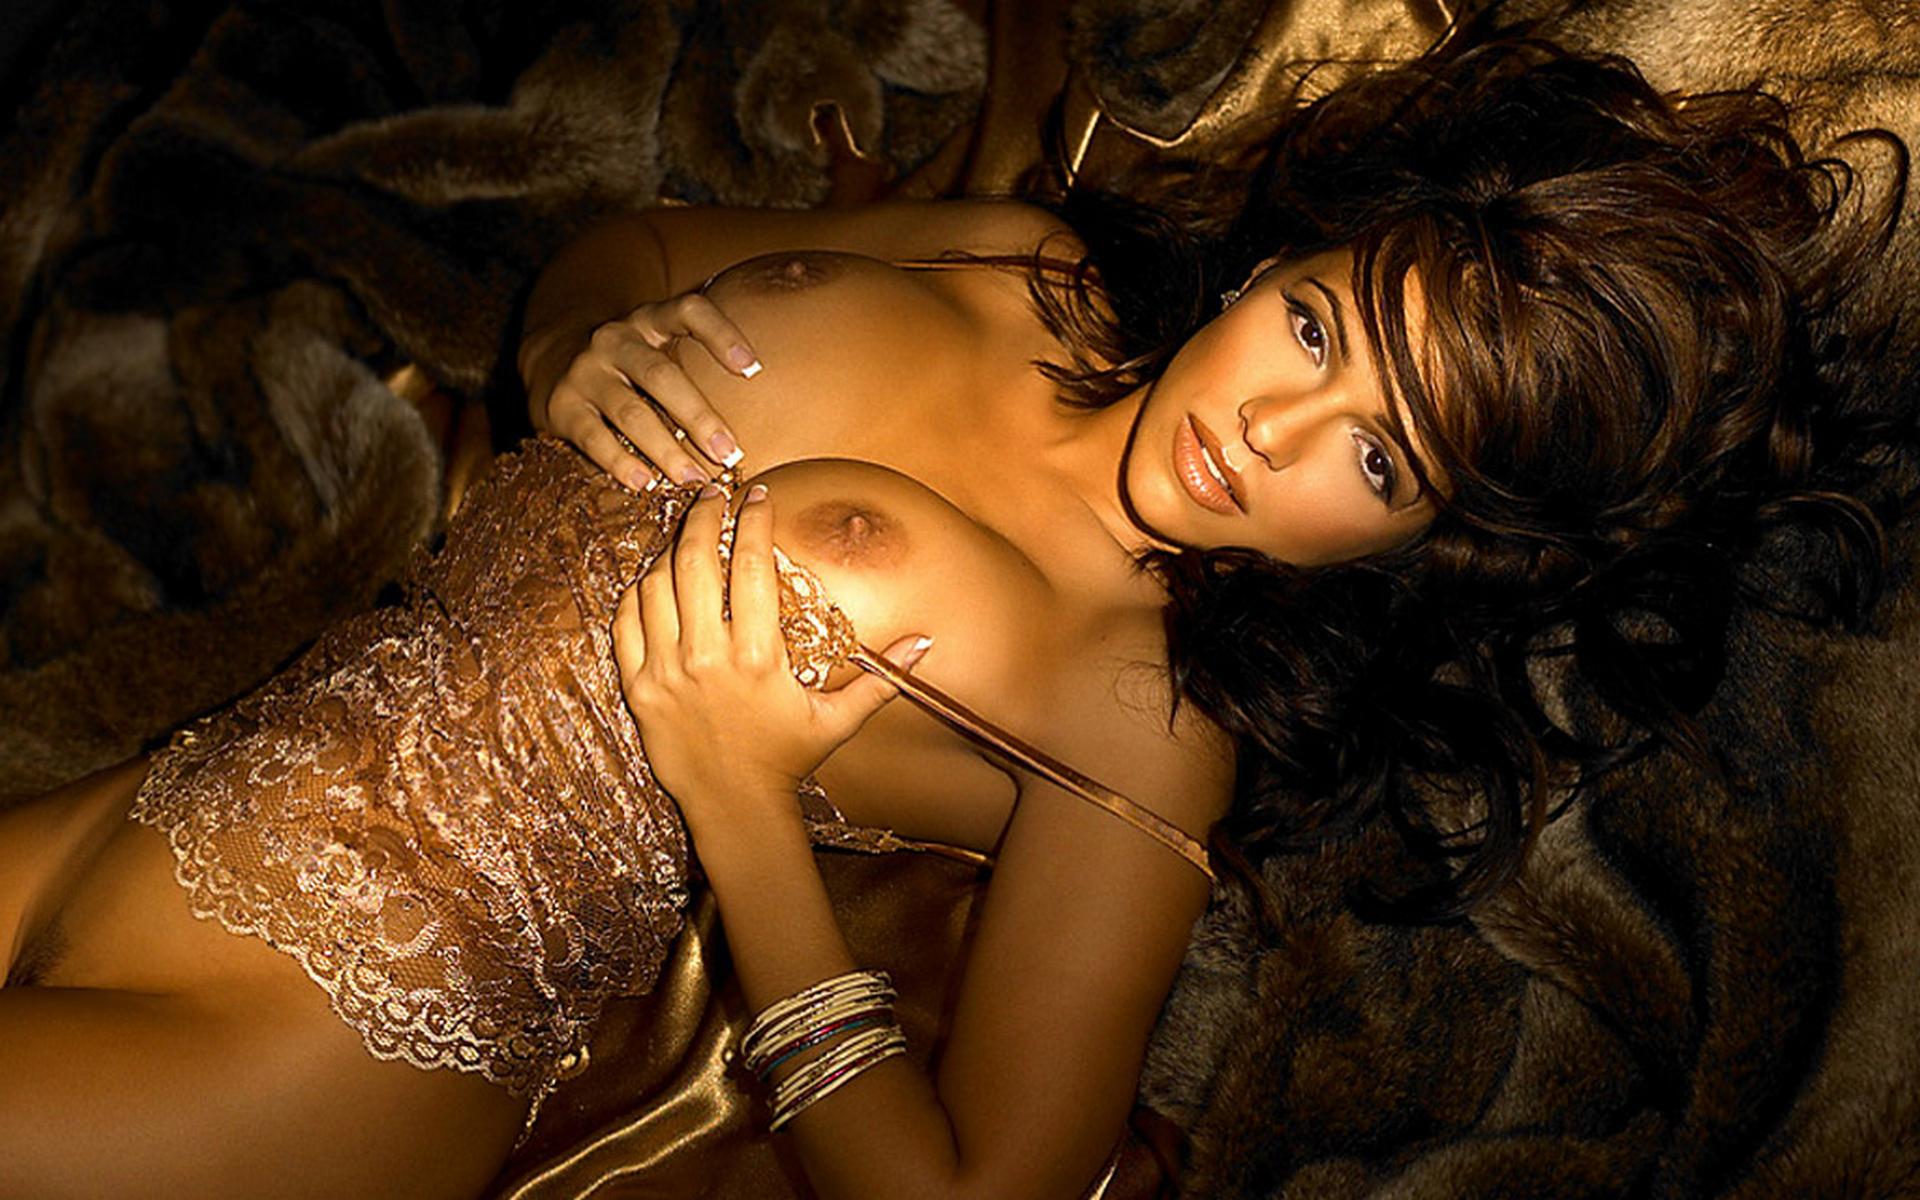 smotret-eroticheskoe-fotografii-vsego-mira